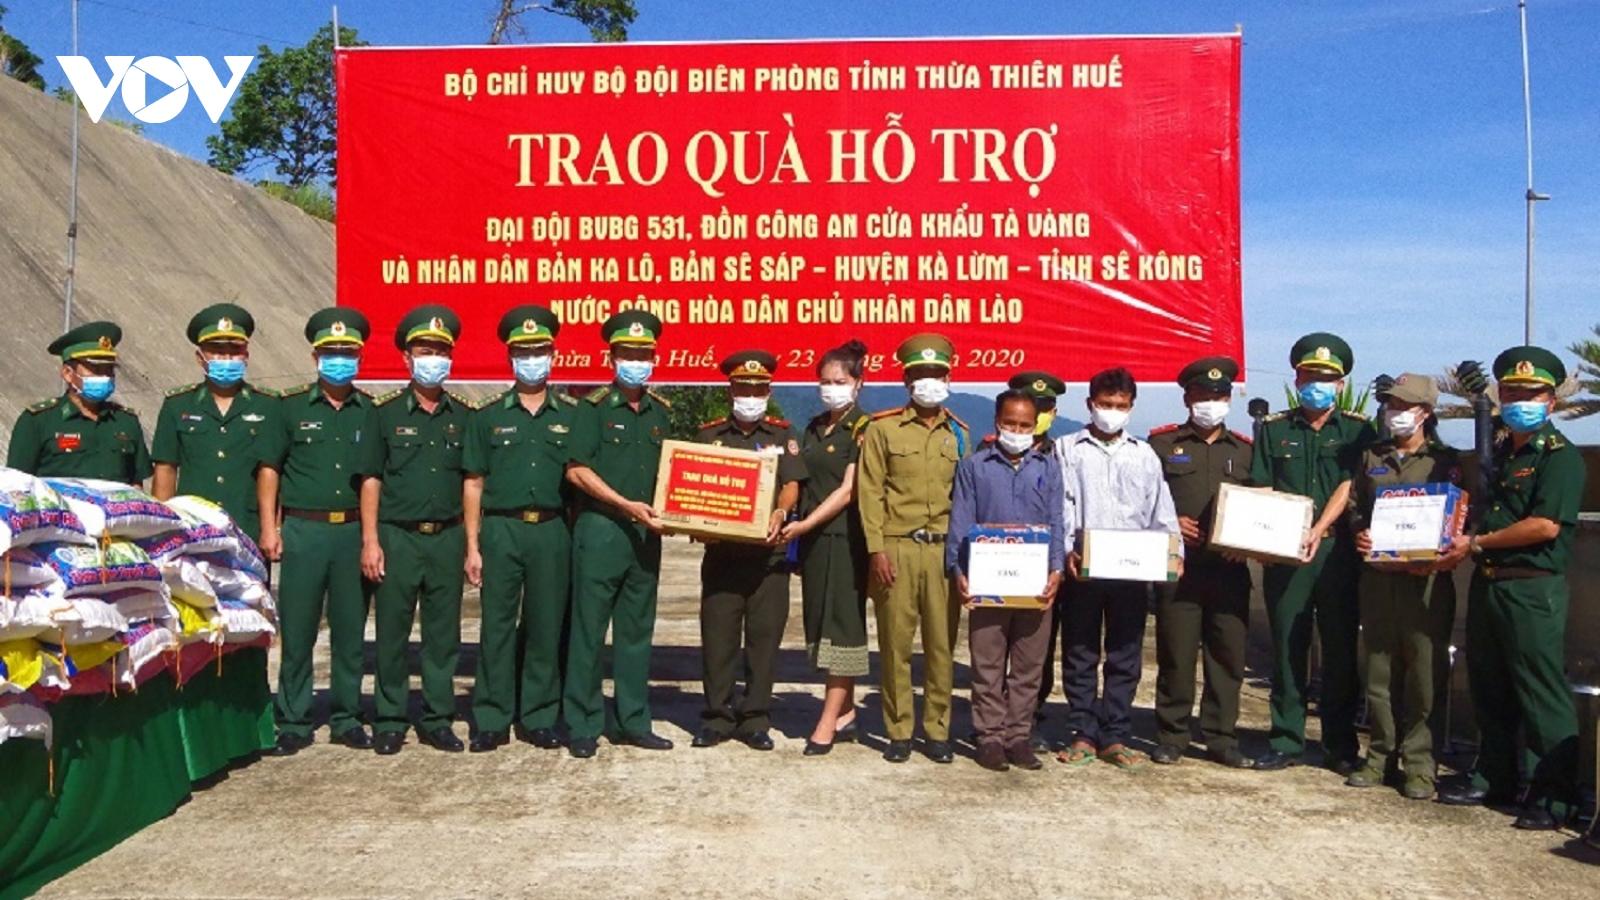 Thừa Thiên Huế trao 225 suất quà hỗ trợ cho lực lượng vũ trang và nhân dân Lào